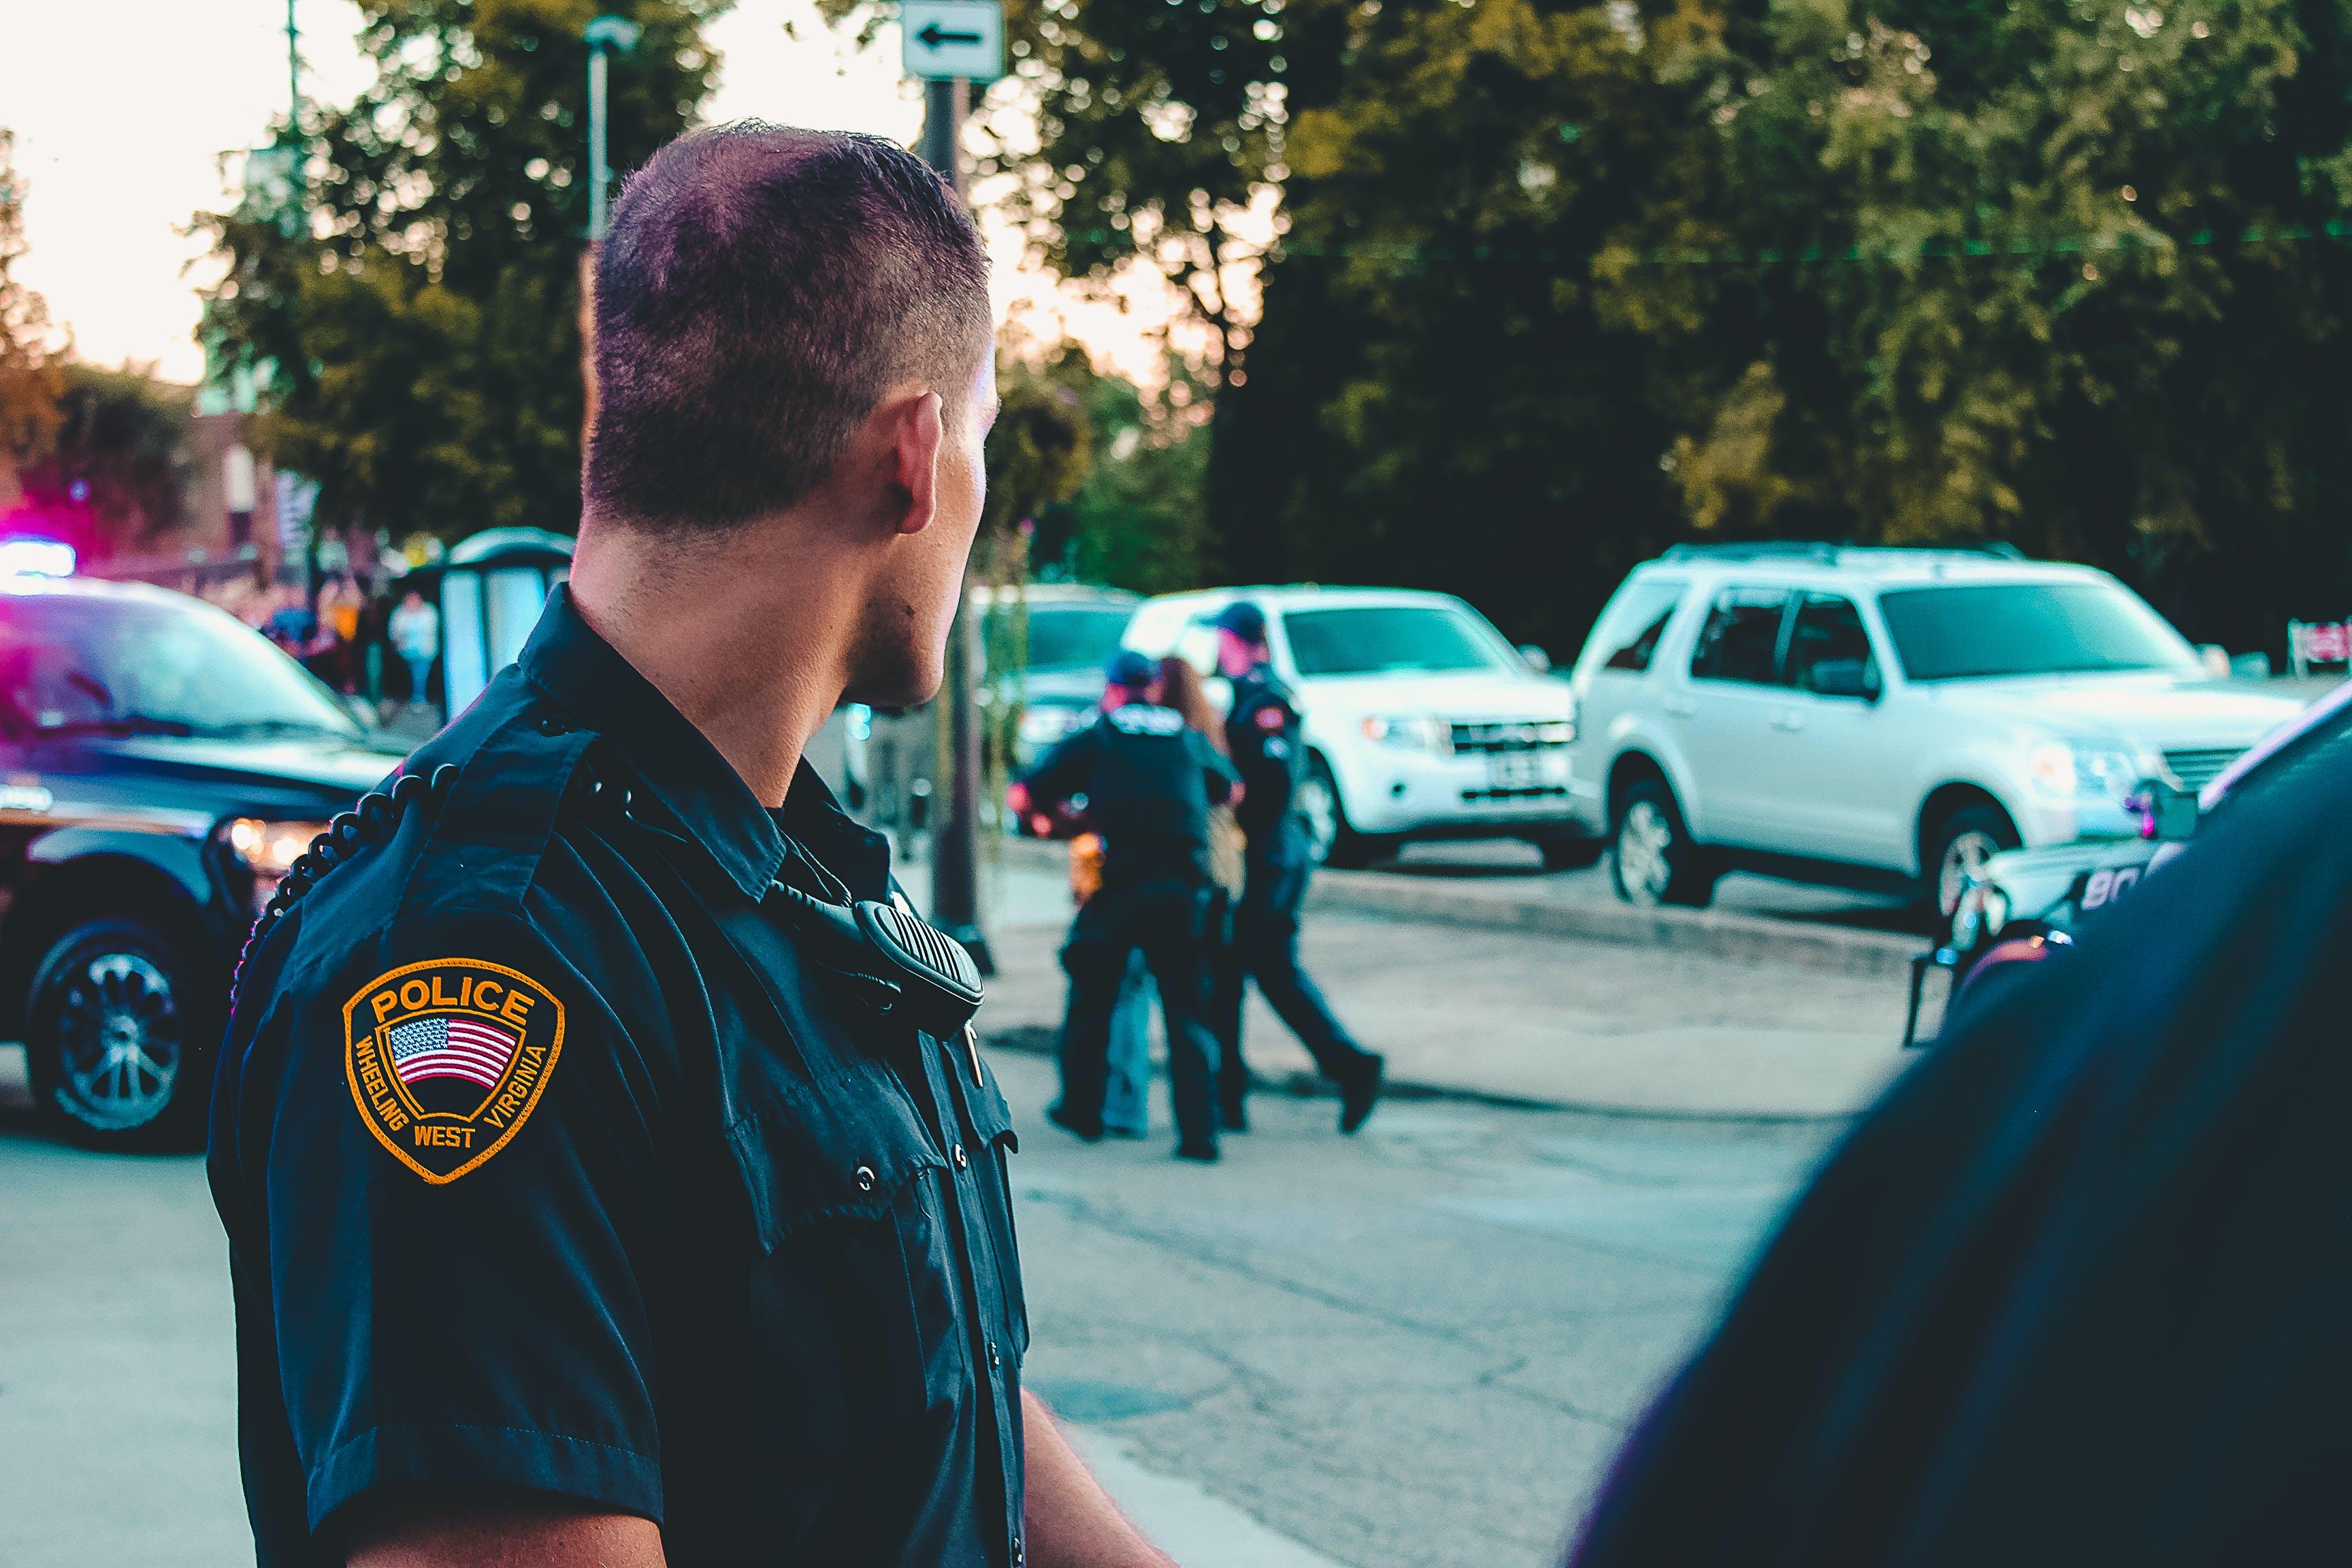 乗り物, 人, 制服, 抗議の無料の写真素材